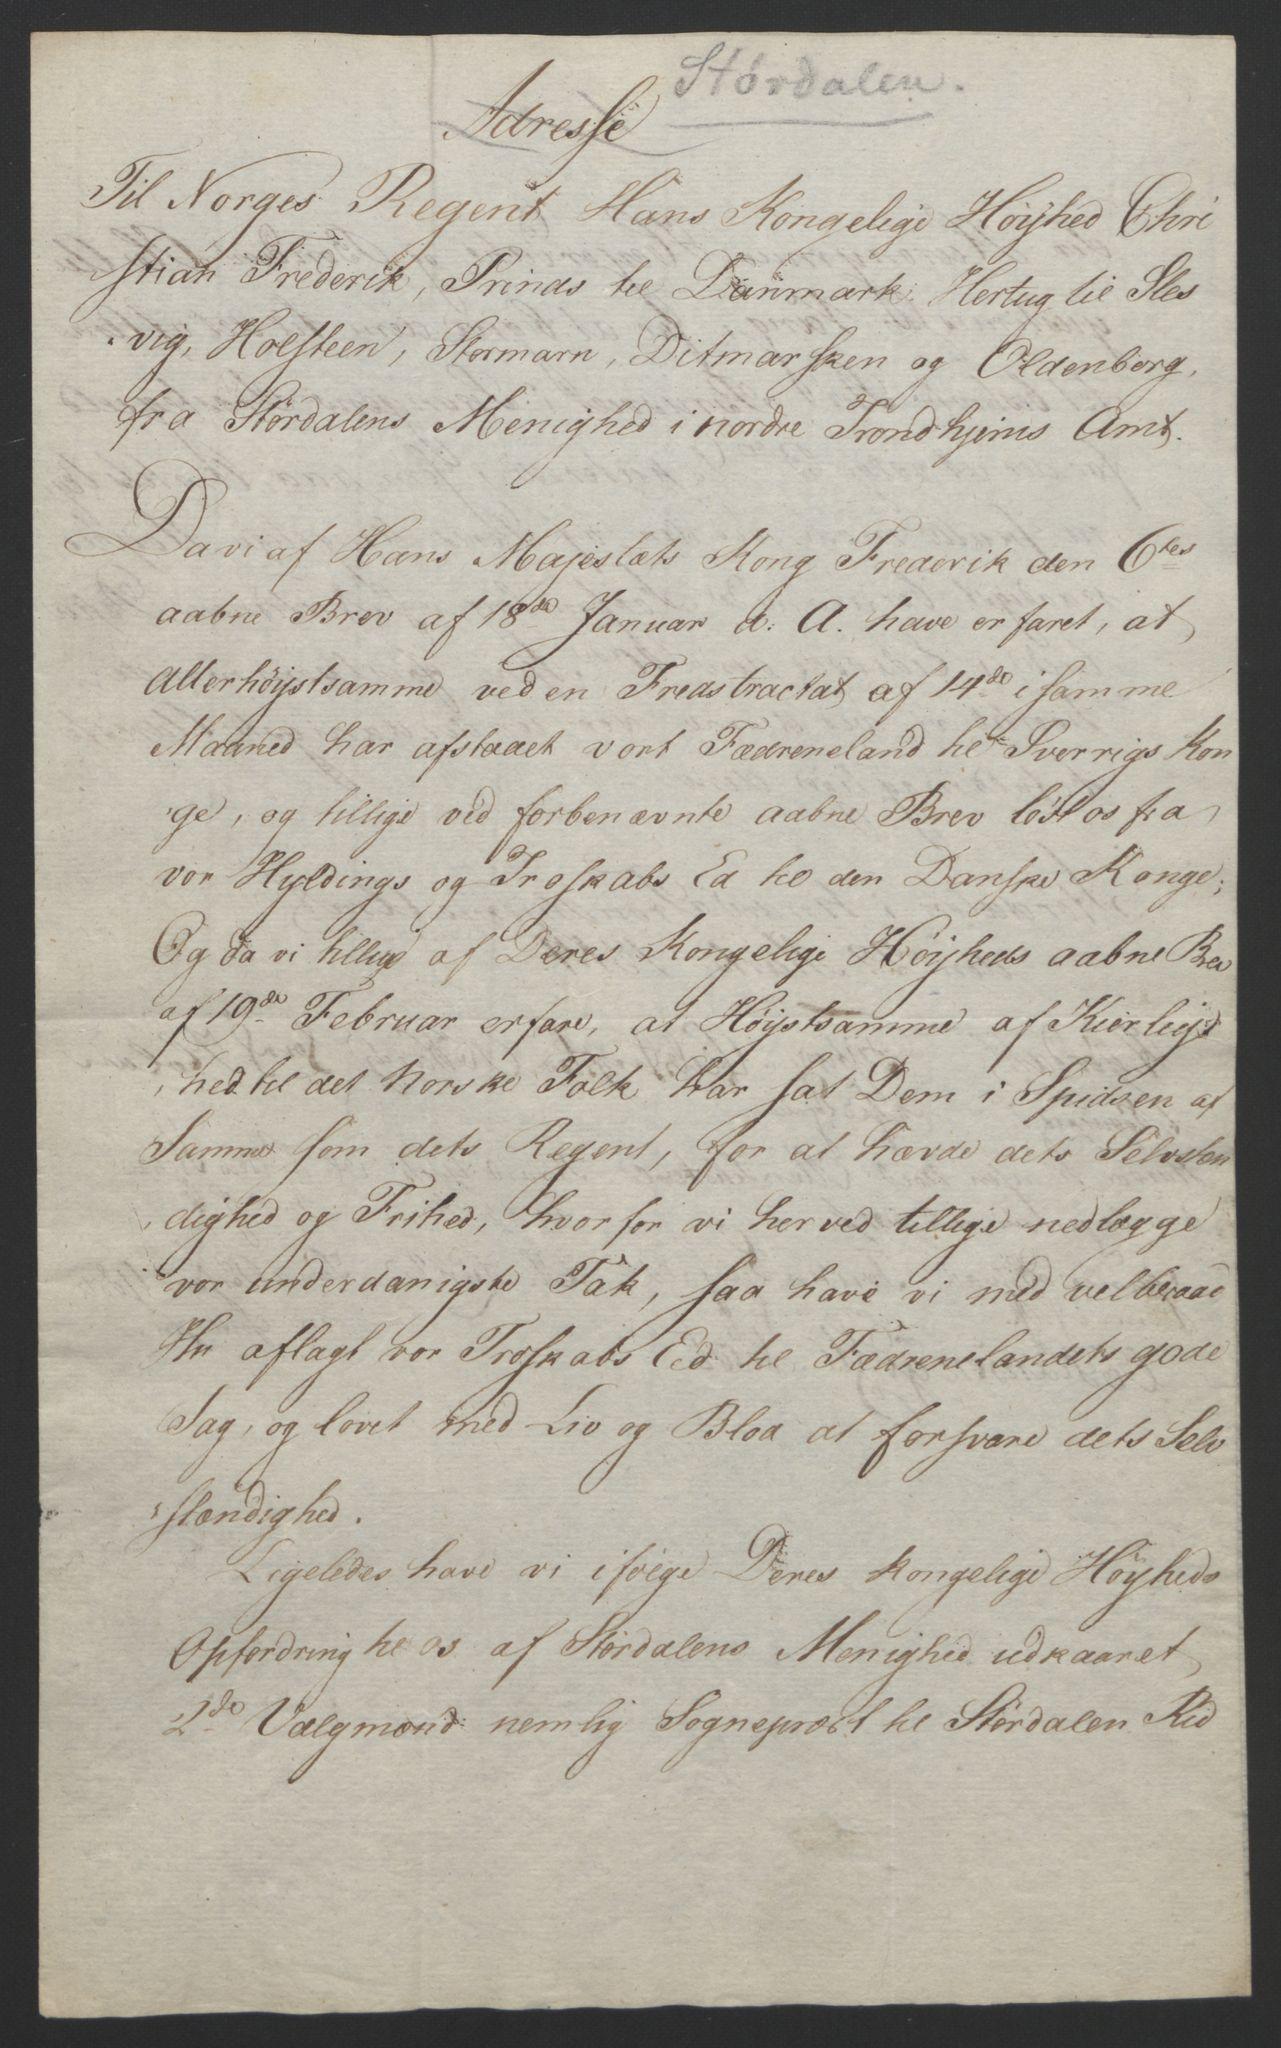 RA, Statsrådssekretariatet, D/Db/L0008: Fullmakter for Eidsvollsrepresentantene i 1814. , 1814, s. 478